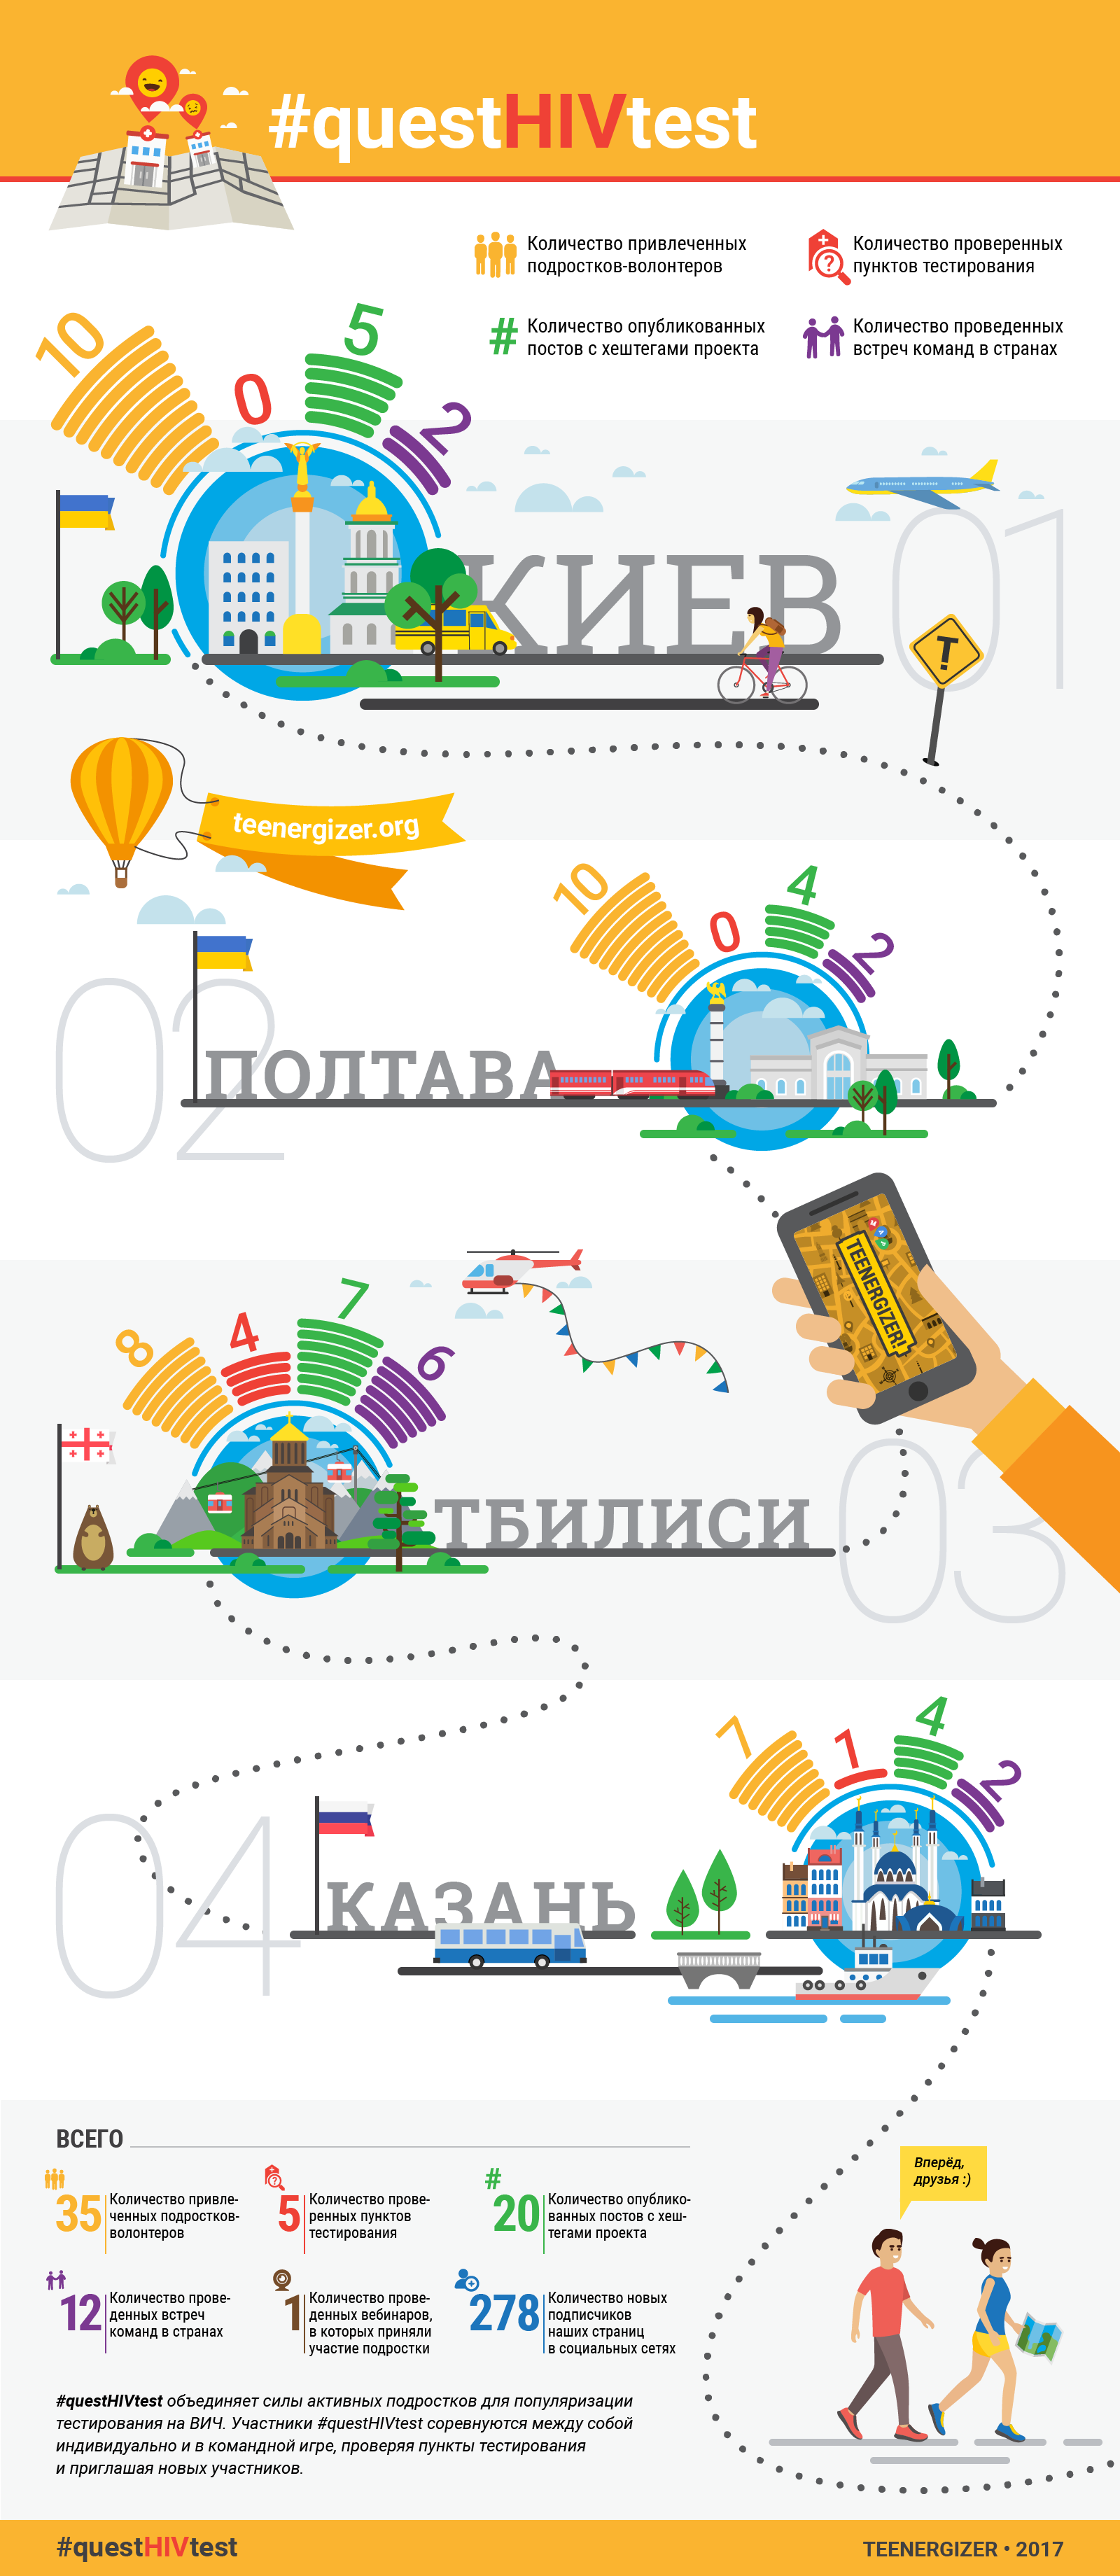 questHIVtest-infogr